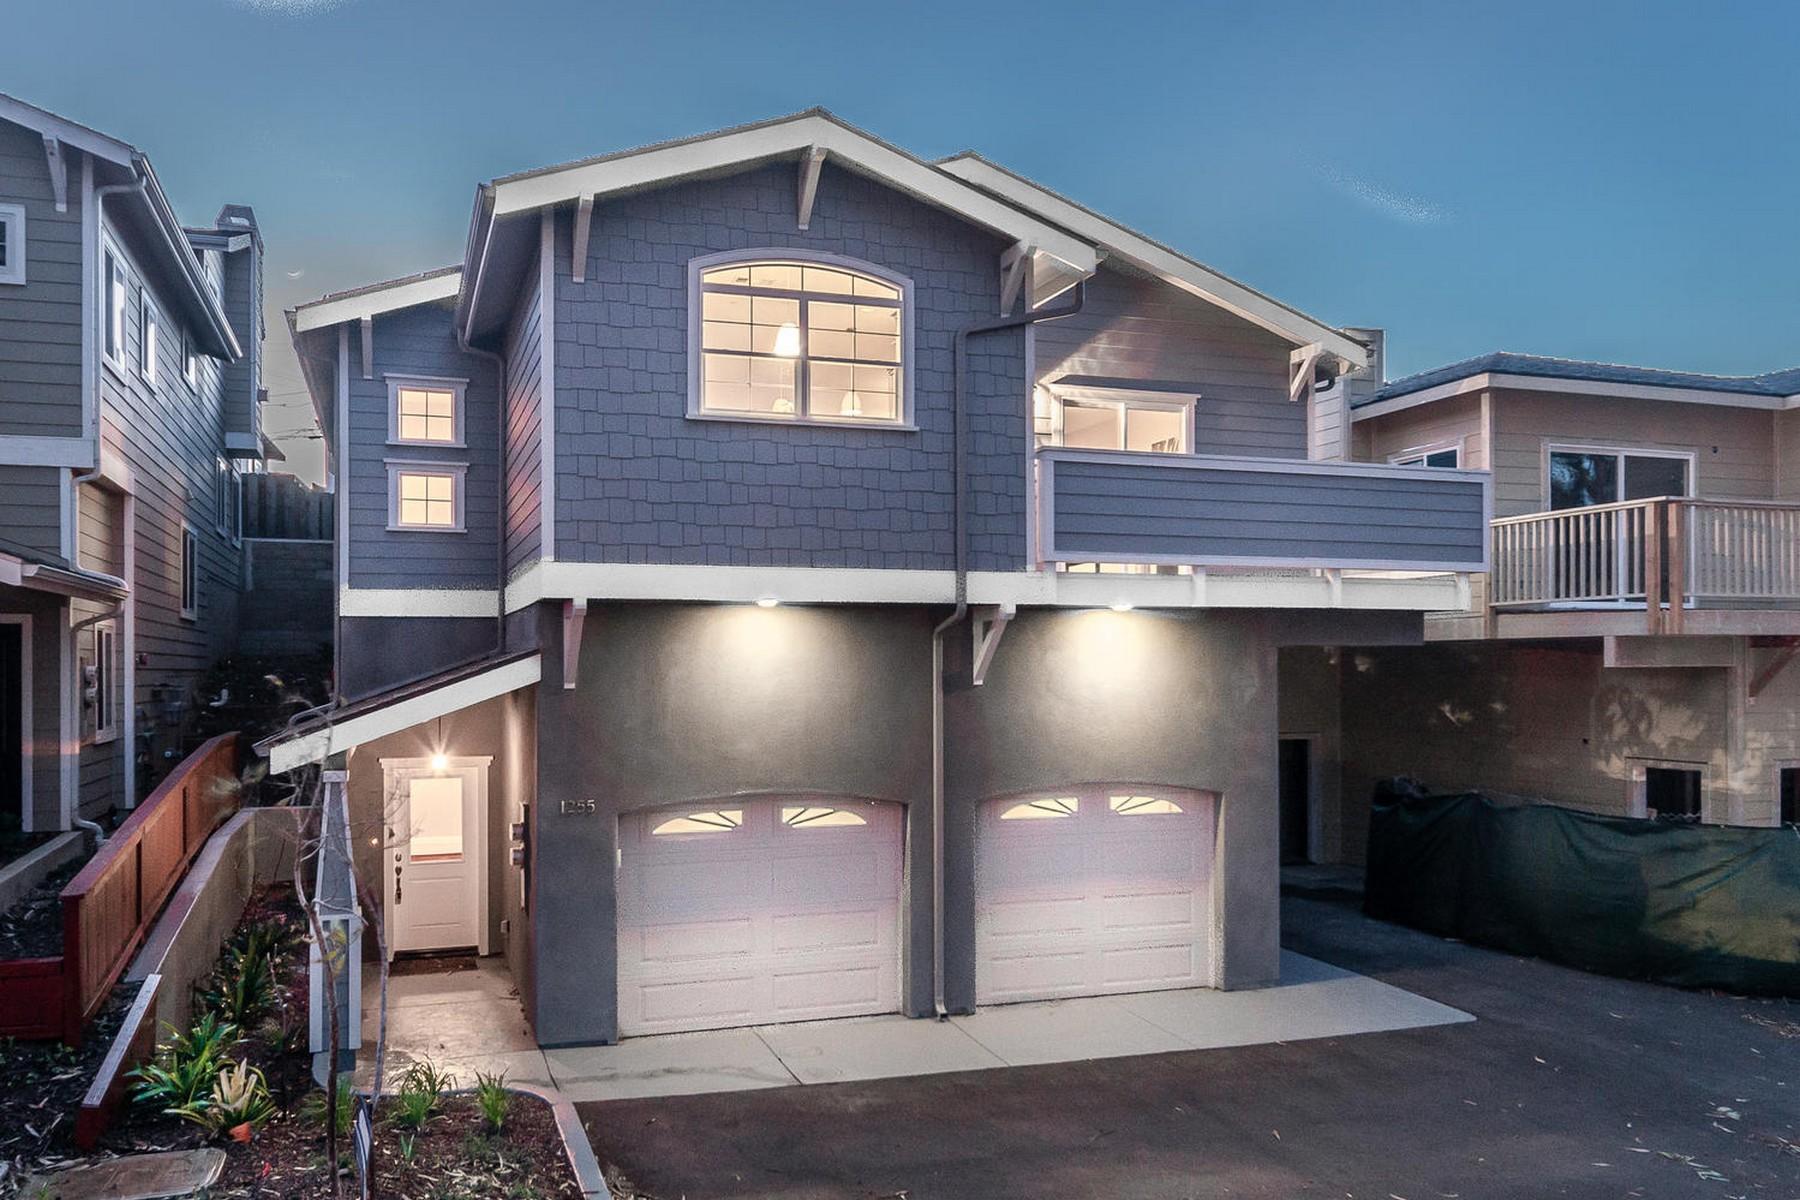 Maison unifamiliale pour l Vente à Brand New Home Near Beach 1255 Main Street Morro Bay, Californie 93442 États-Unis